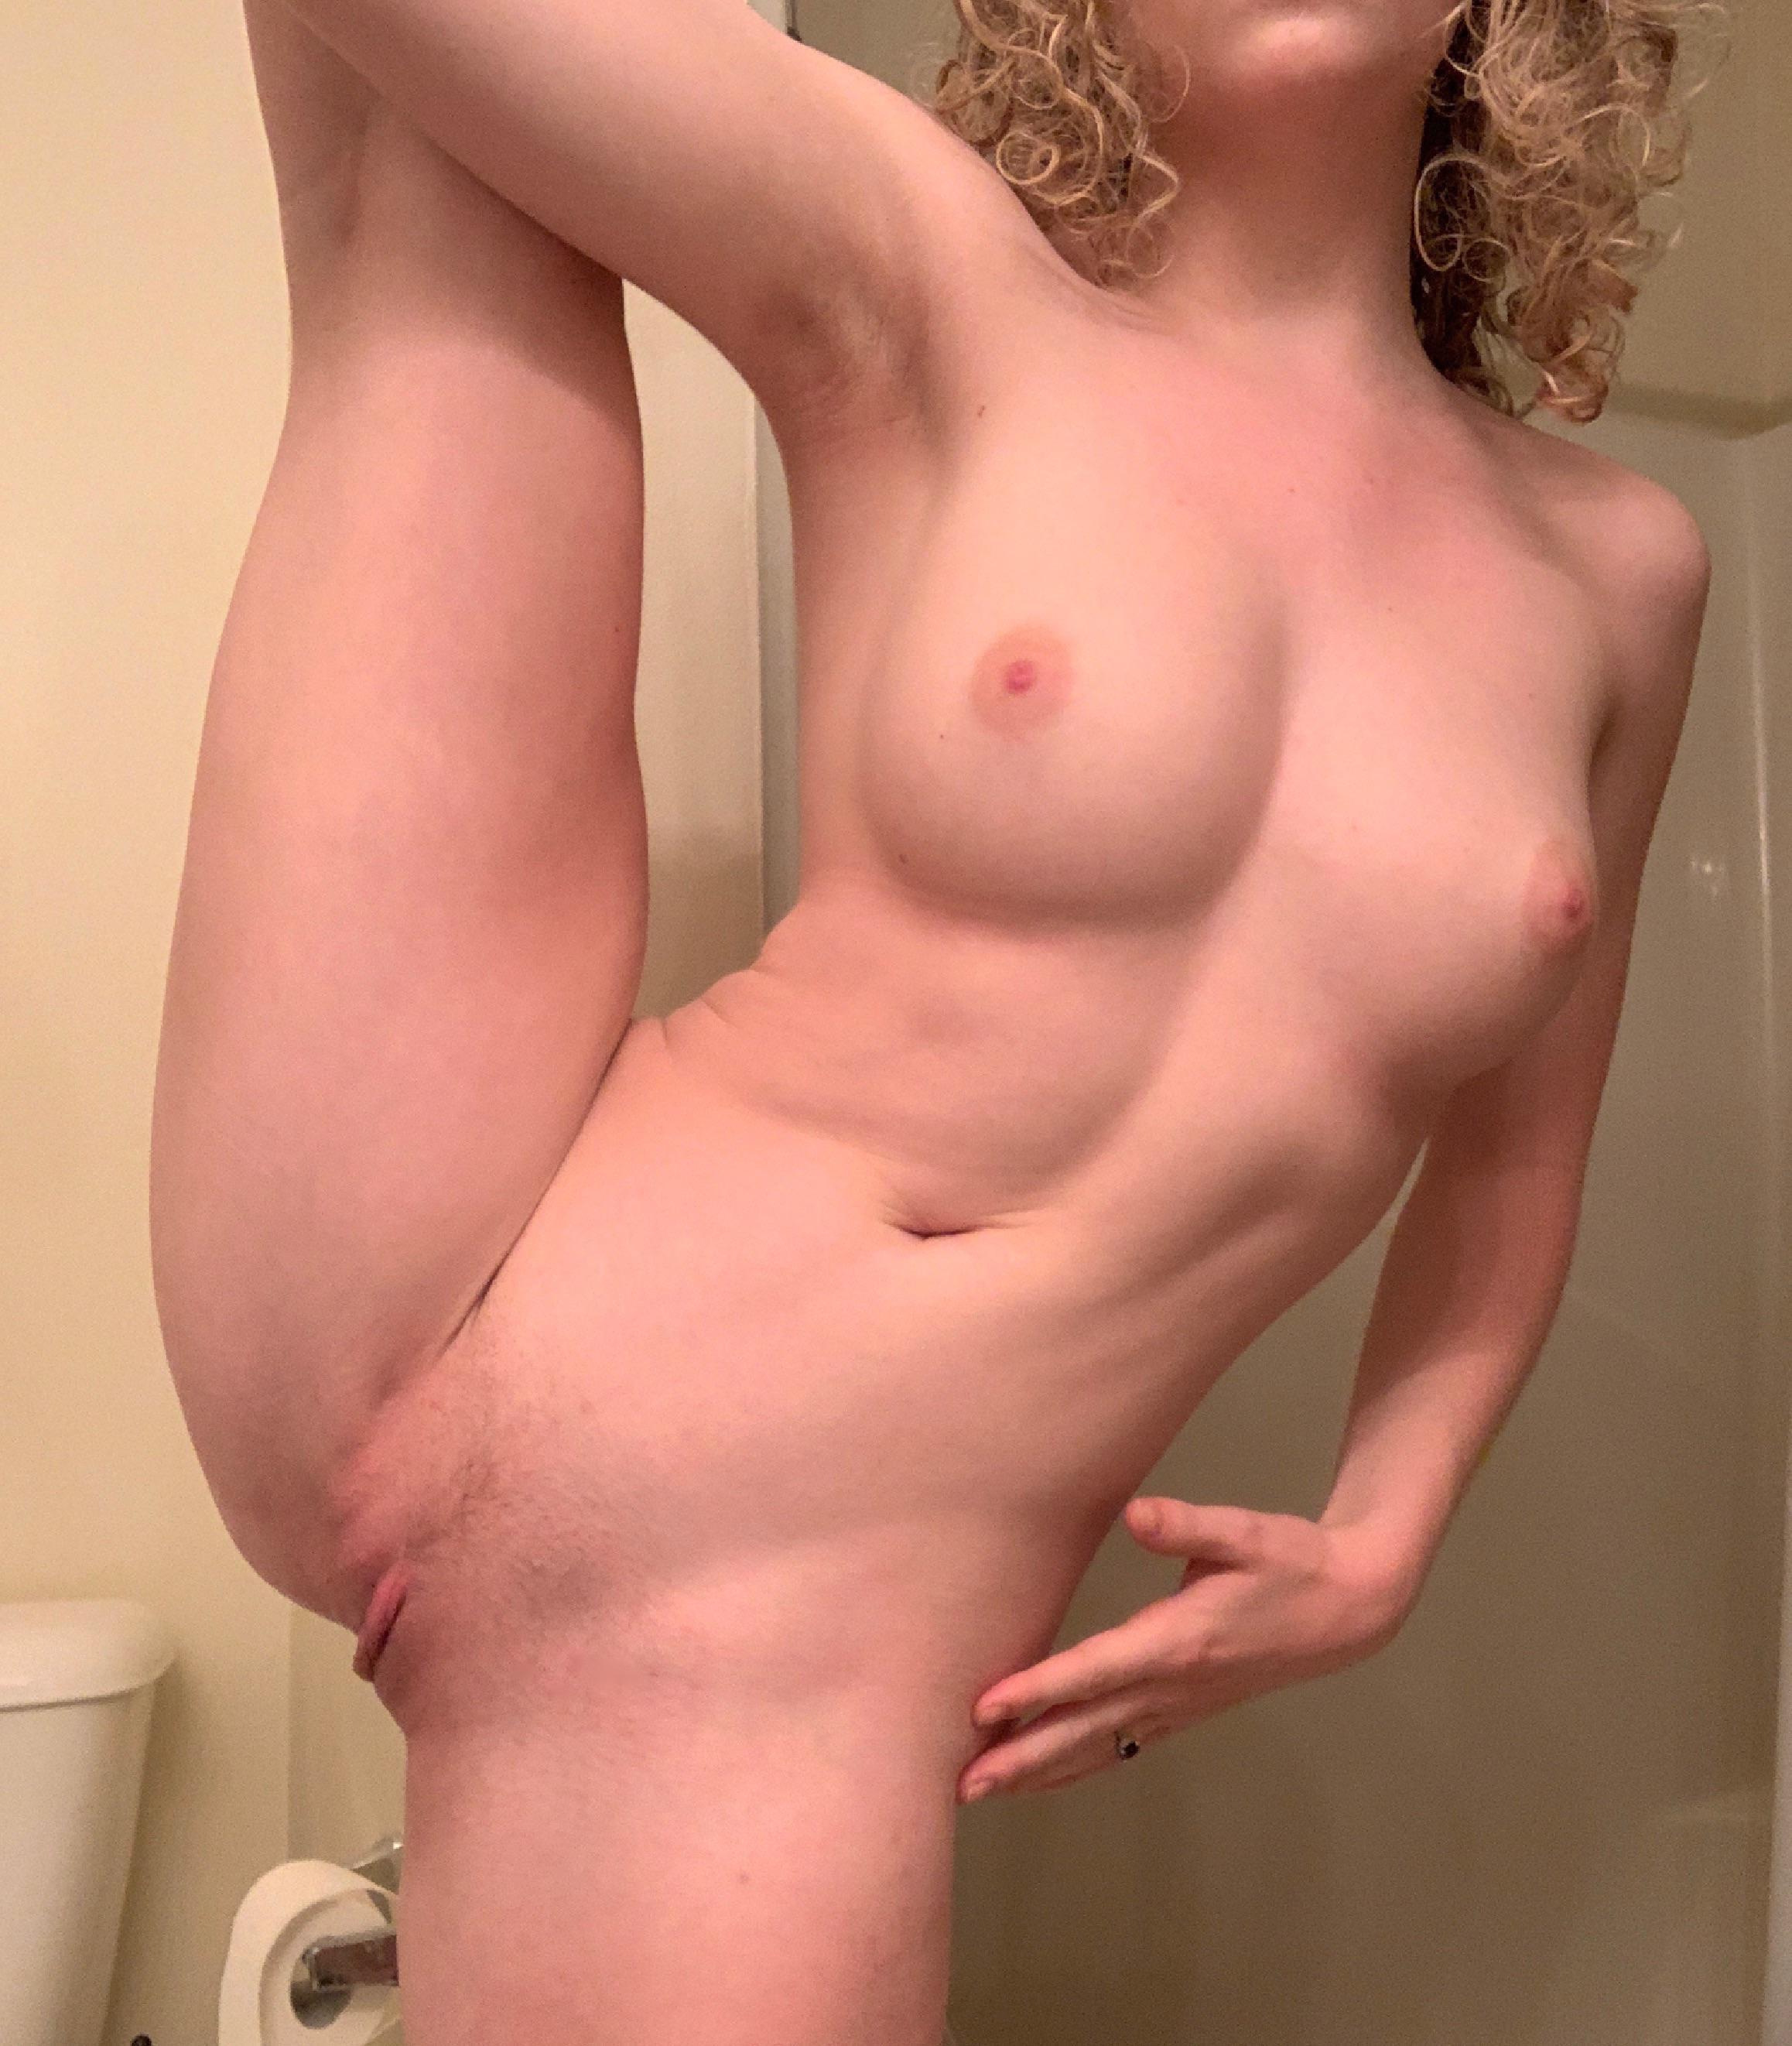 Блондинка с торчащими сосками в уборной